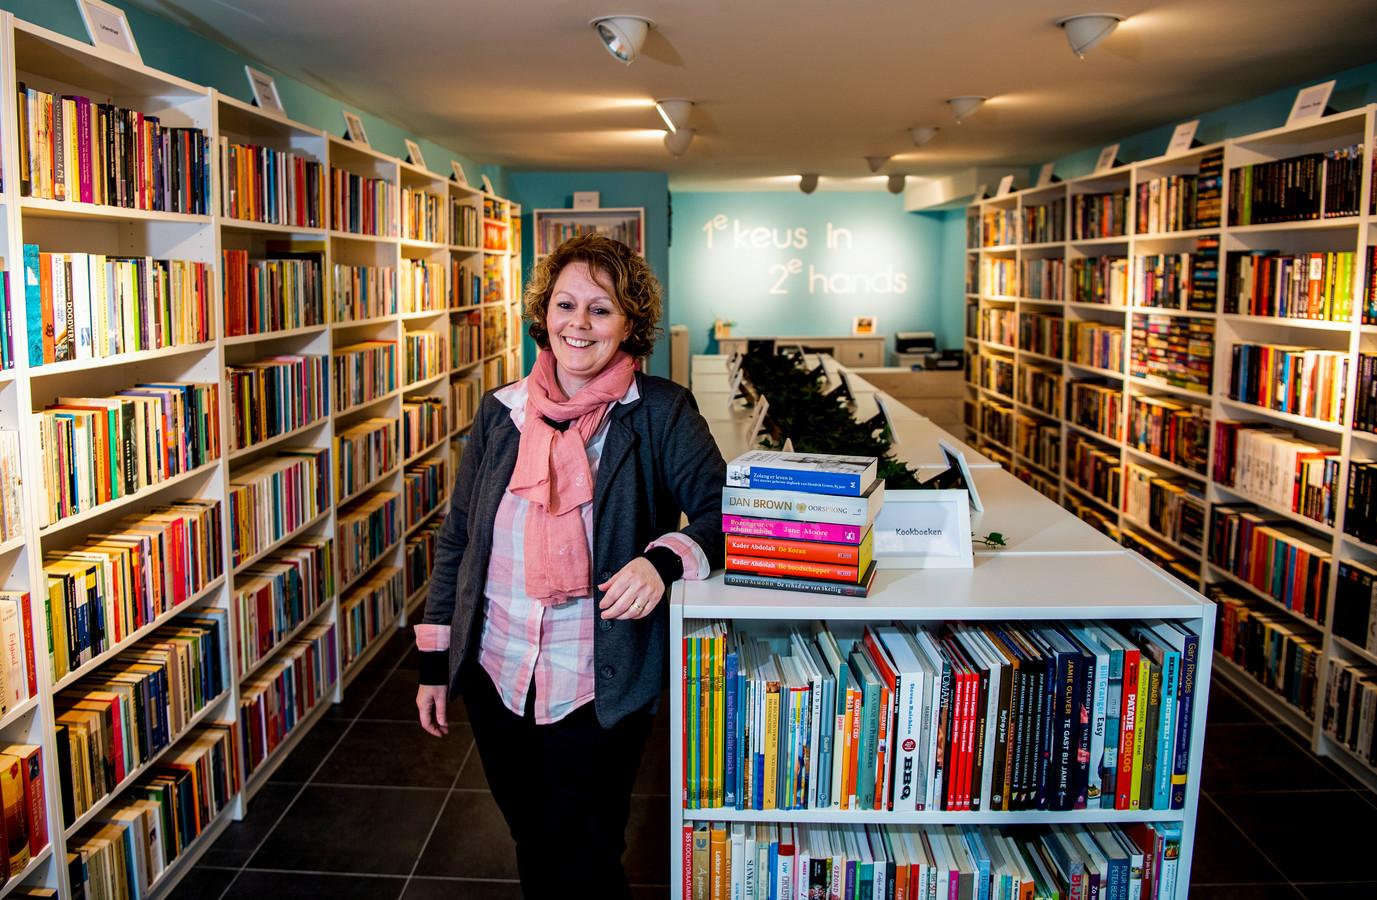 Petra Nieuwenkamp tussen de boeken in haar nieuwe tweedehandsboekenwinkel aan de Korte Groenendaal in Gouda.